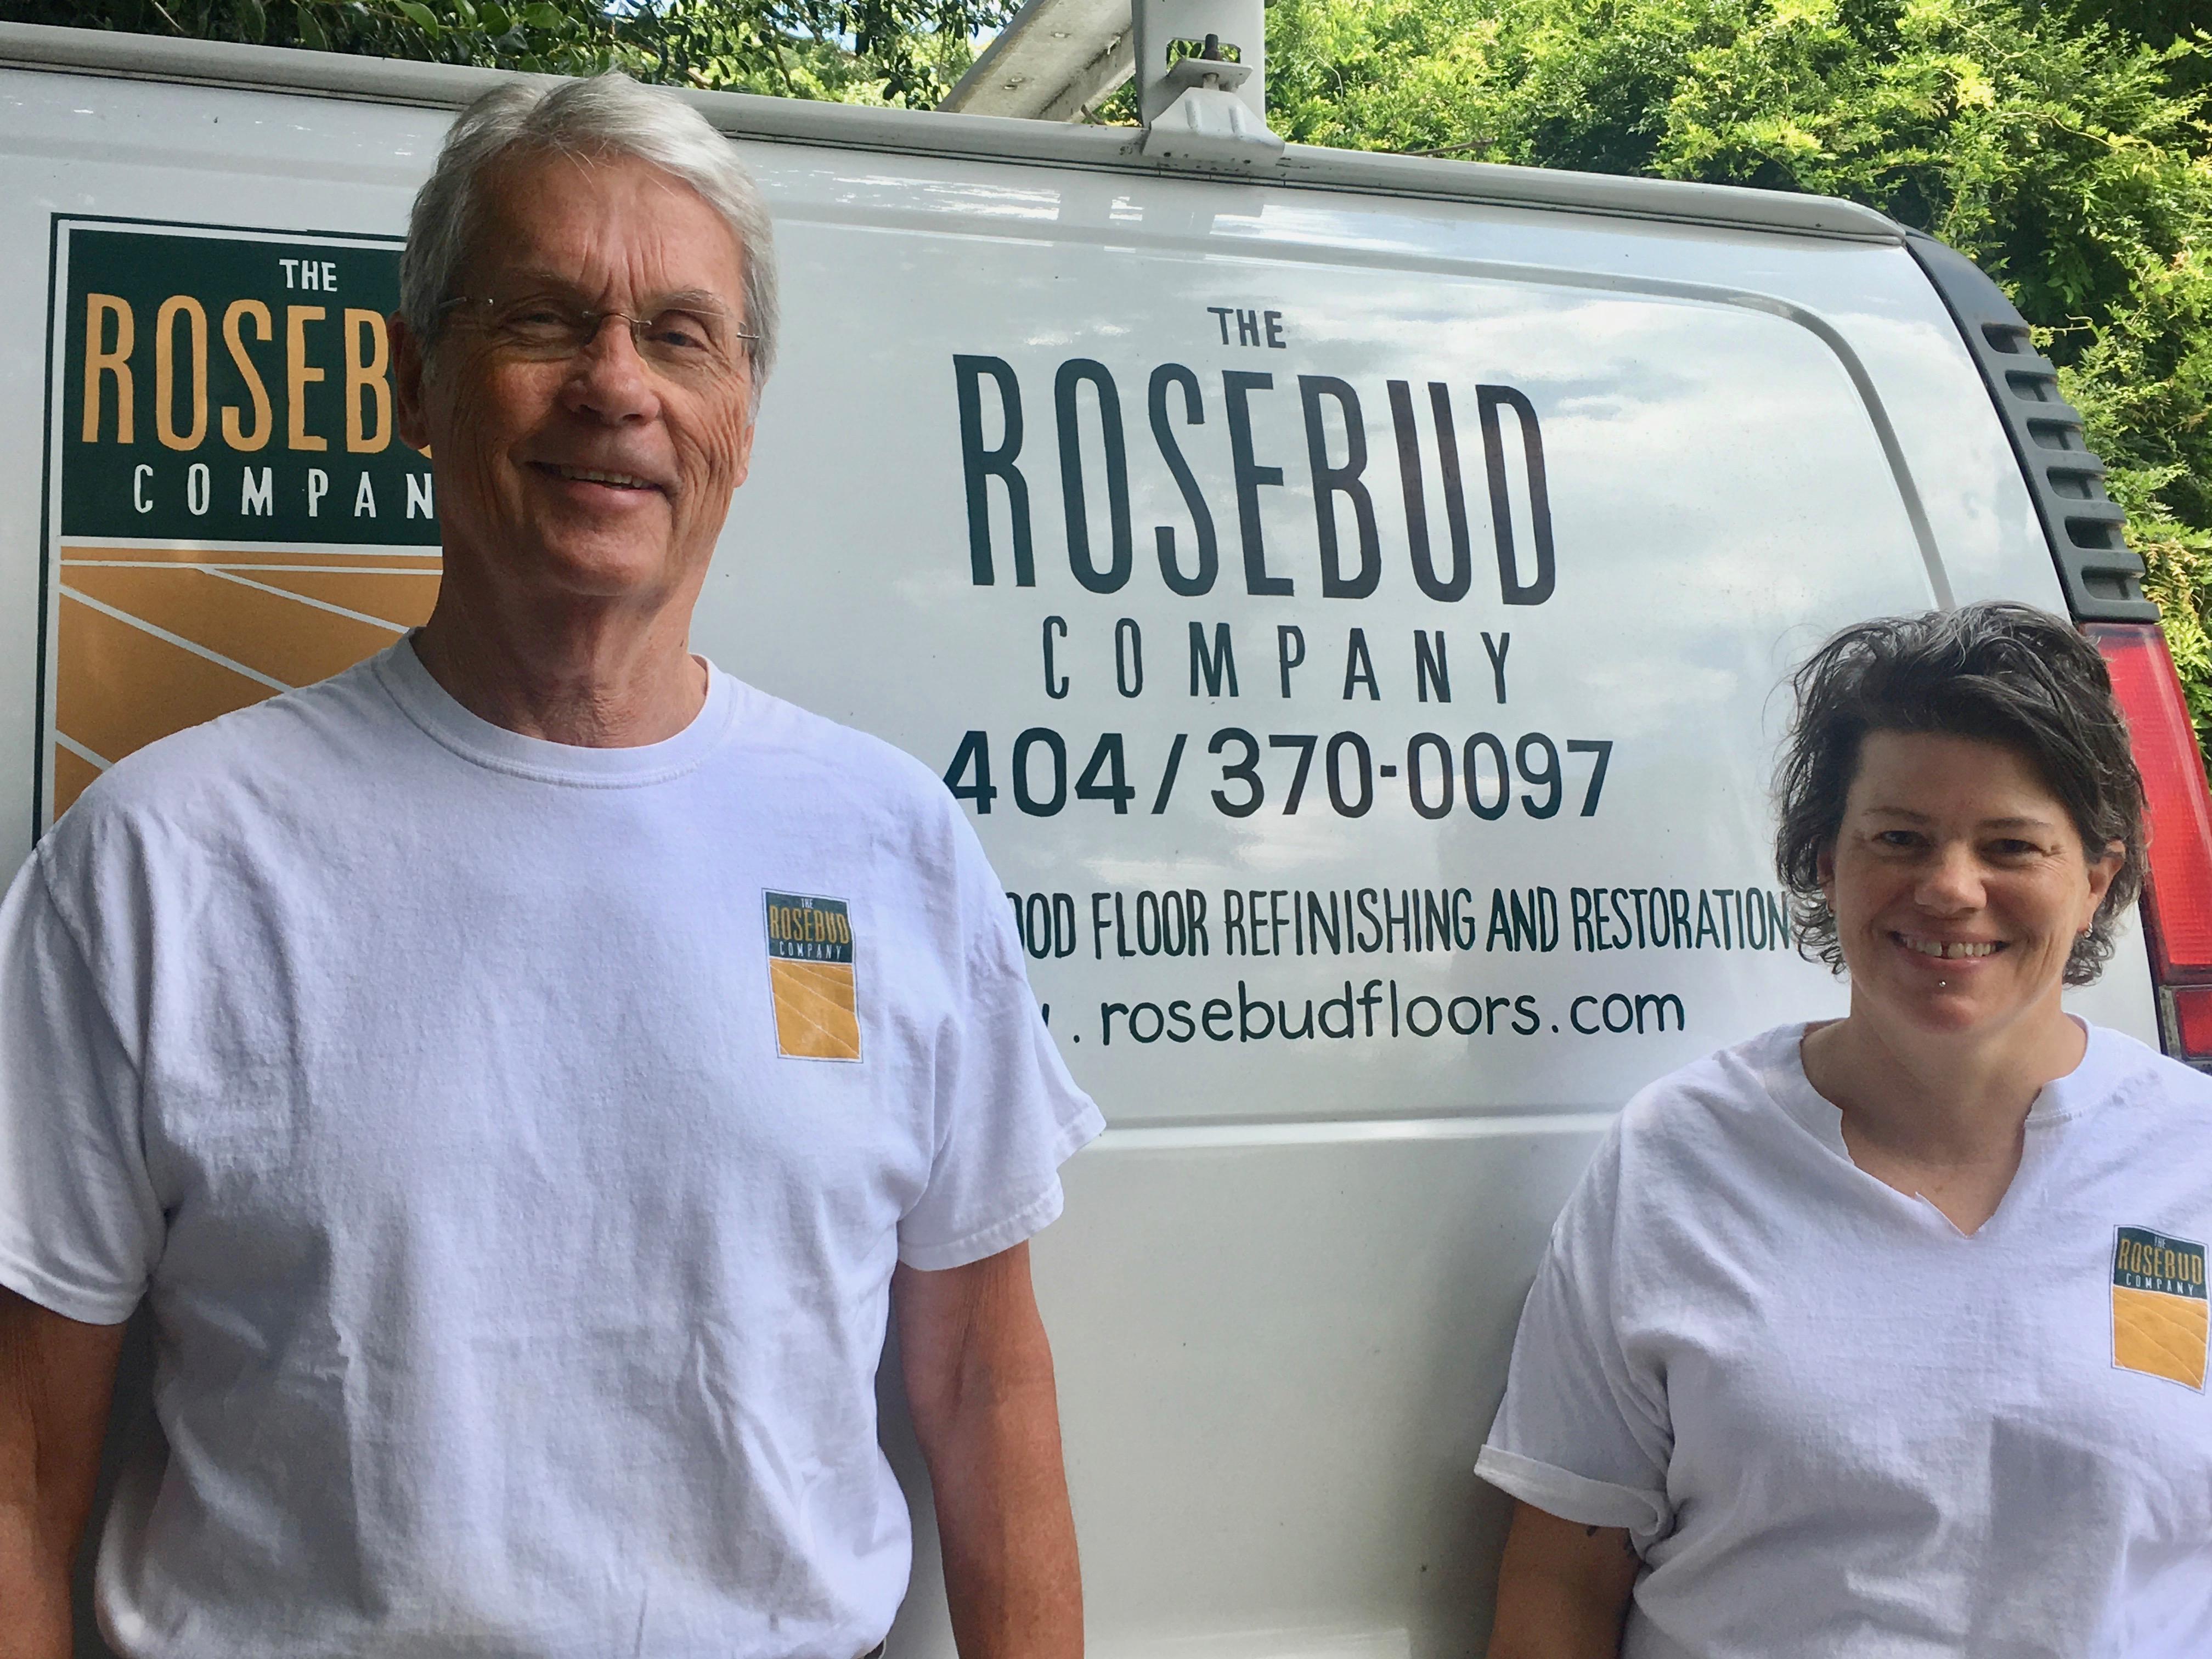 The Future Of The Rosebud Co.